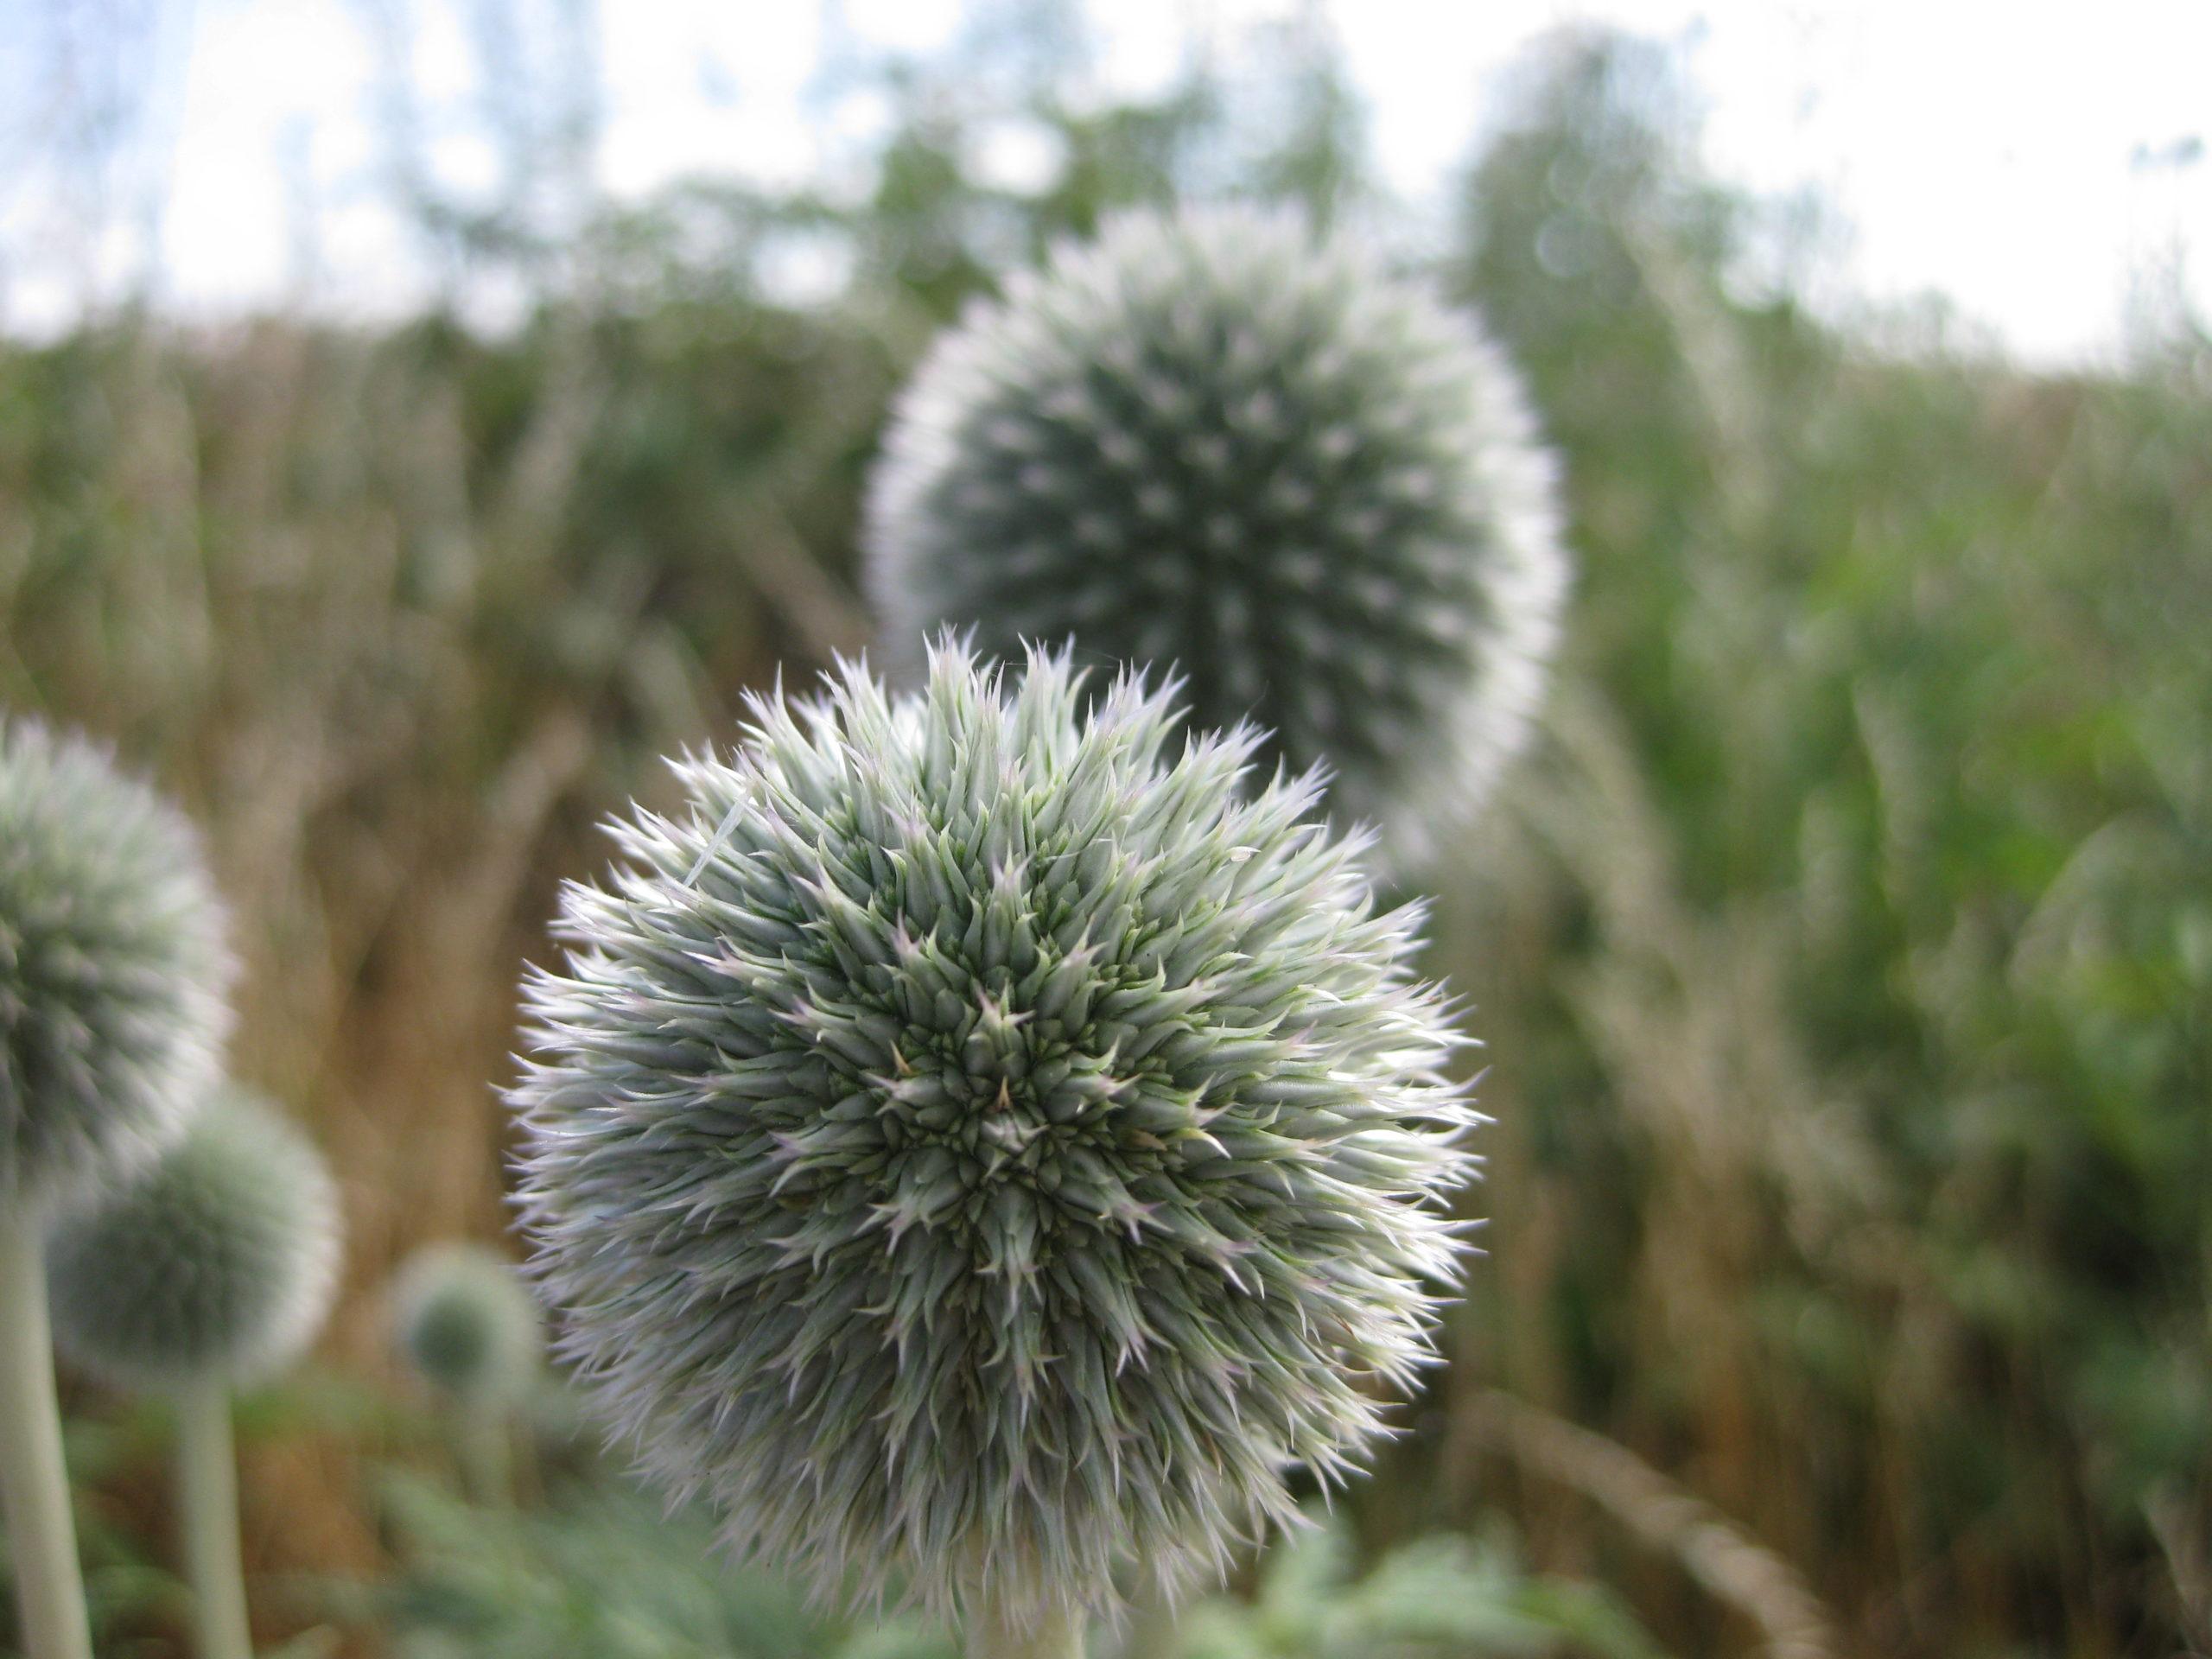 Ruderalpflanzen - Drüsenlose Kugeldistel